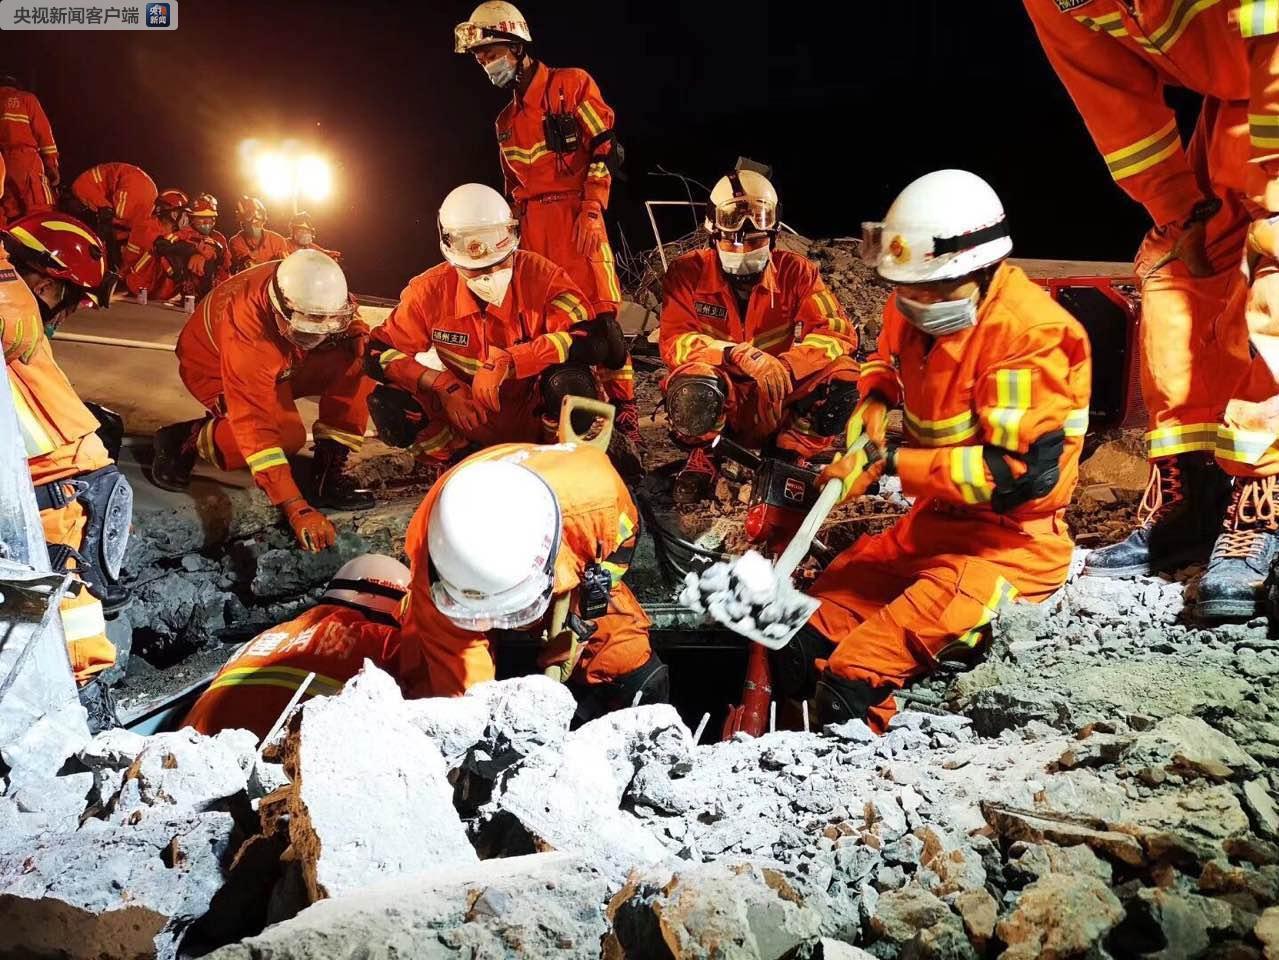 福建莆田在建房屋坍塌致5死事故 现场搜救已结束华硕n45s